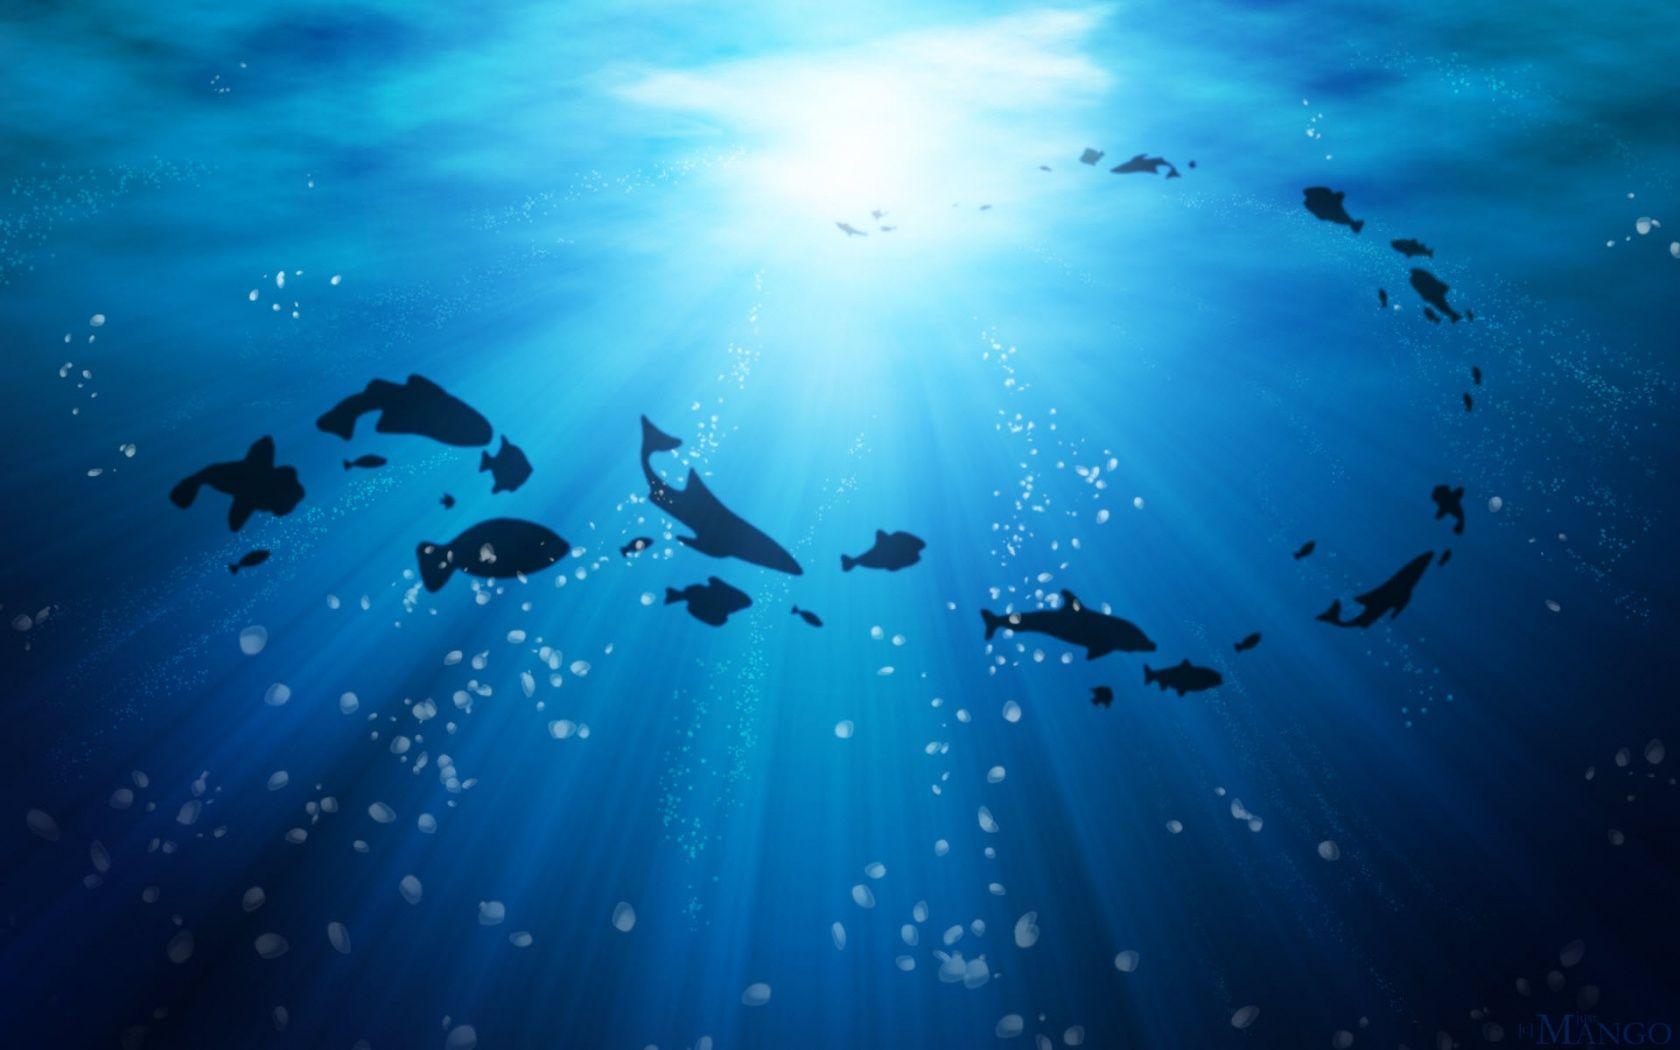 Fosil gelembung dari bawah laut yang terperangkap dalam batuan menjadi bukti kalau kehidupan di bumi pada 3,2 milyar tahun yang lalu hanya berupa lautan. (dok. livescience)